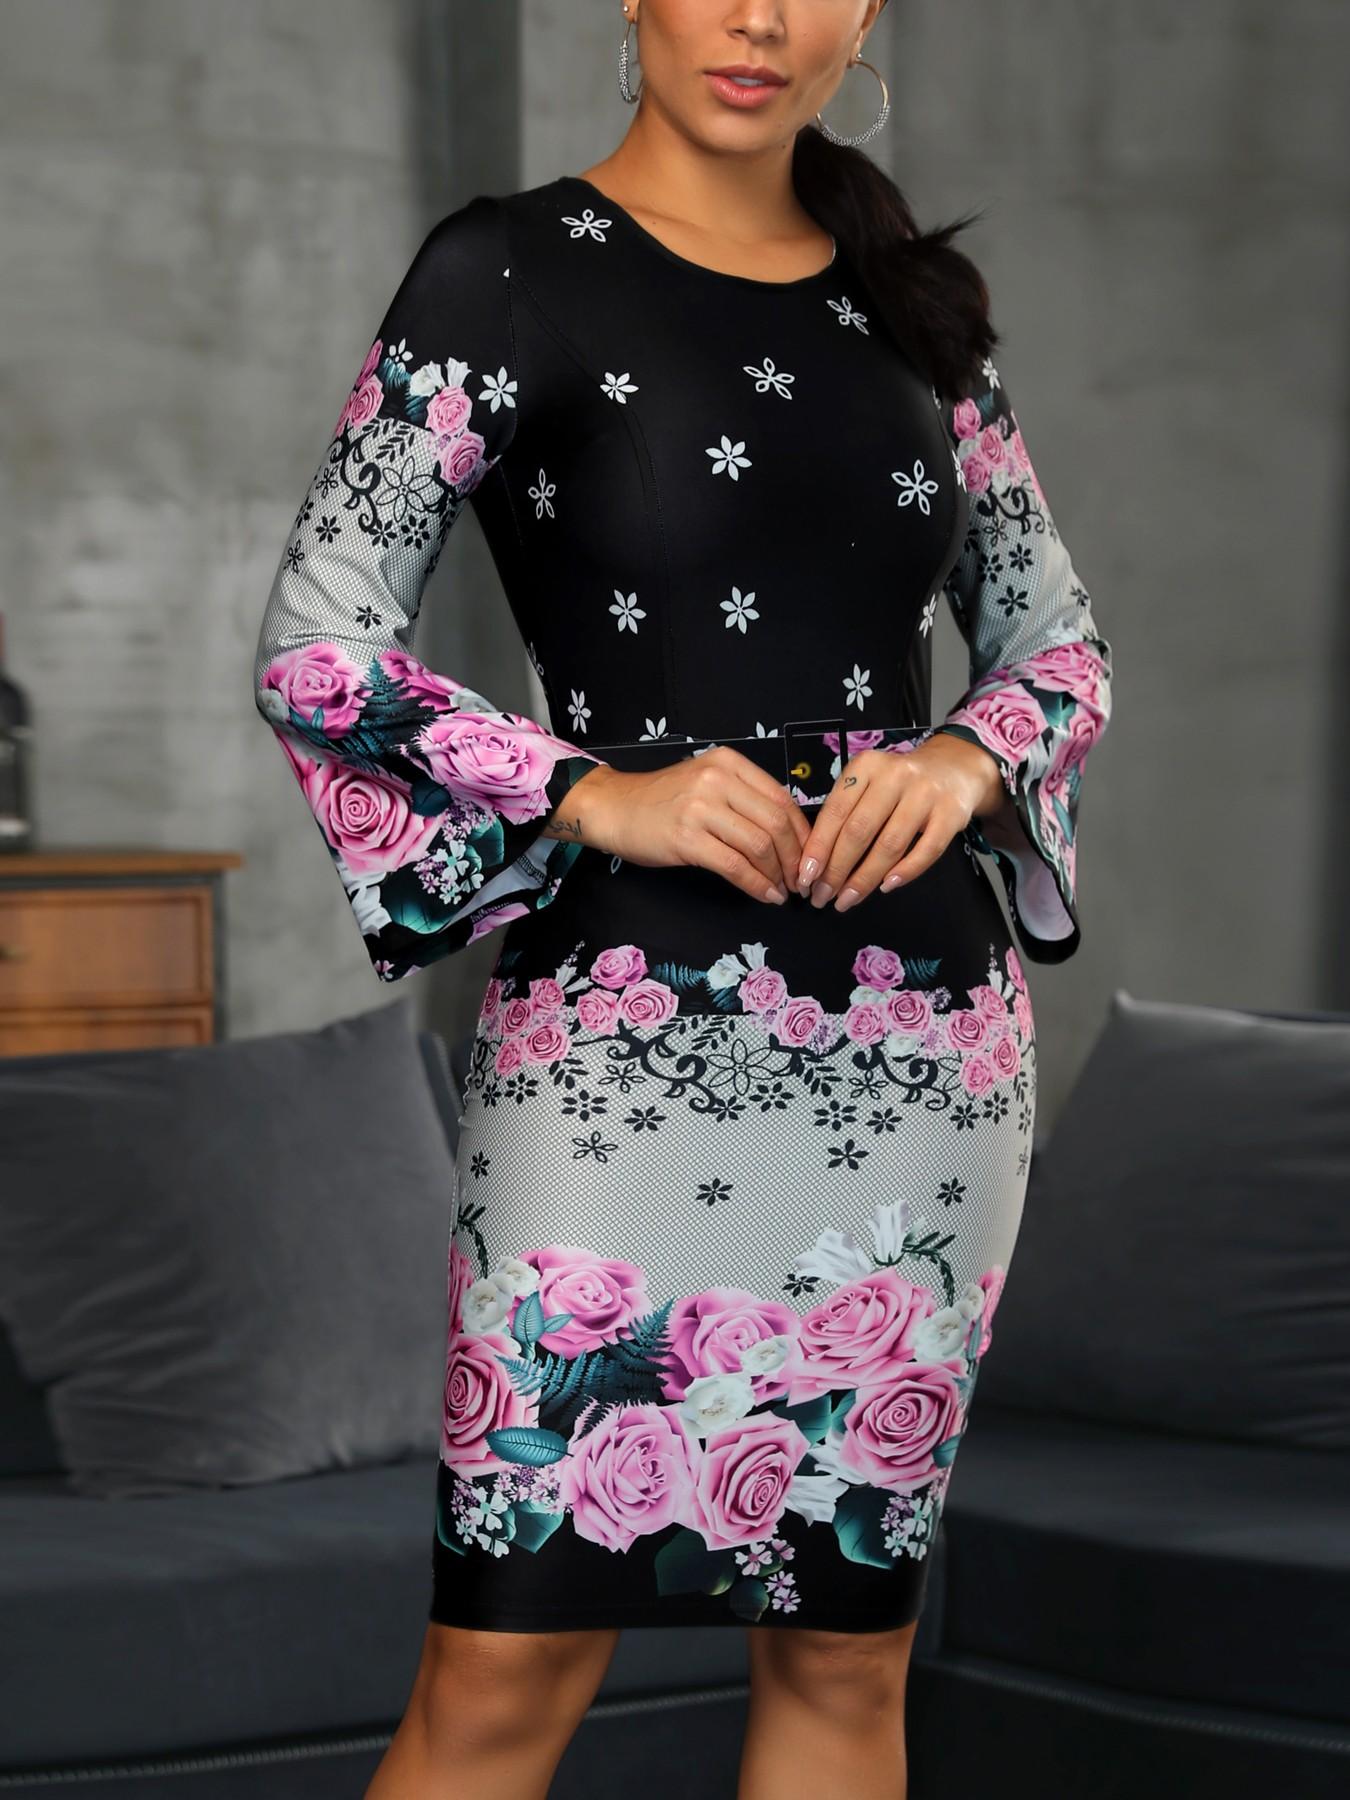 675ea8303b4 Floral Print Long Sleeve Bodycon Dress - Data Dynamic AG